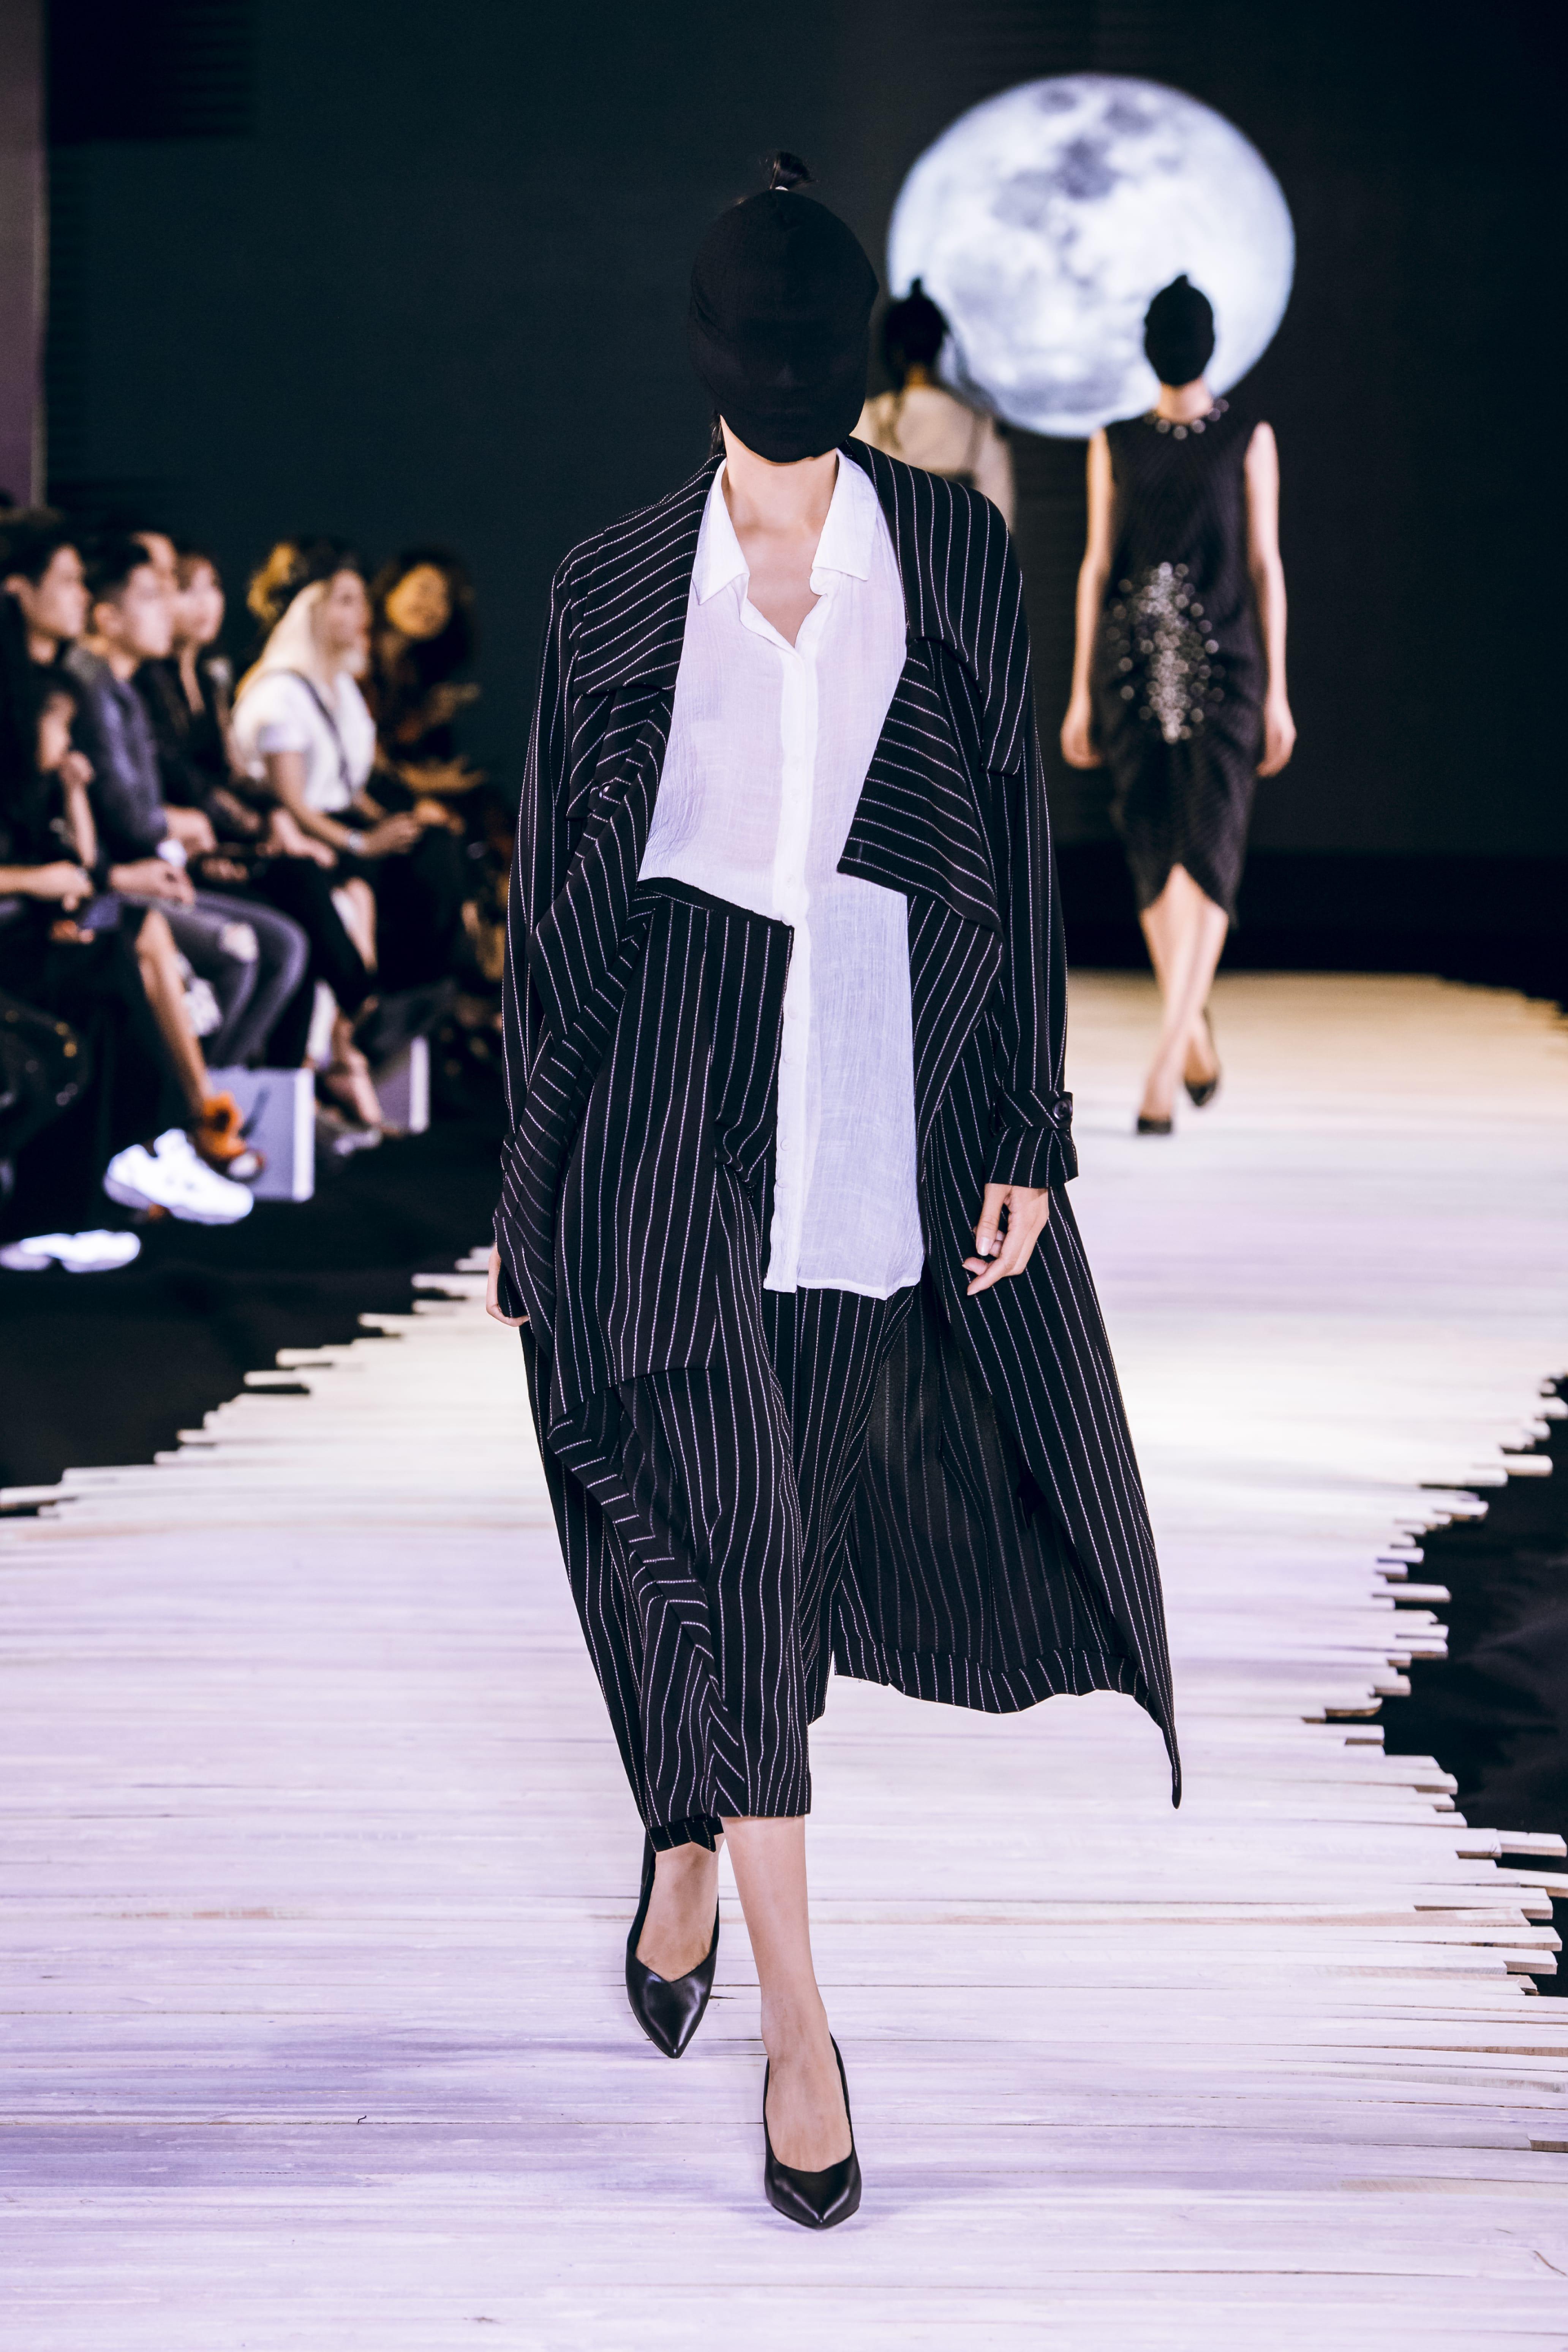 Người mẫu mặc áo trắng và áo khoác kẻ sọc đen